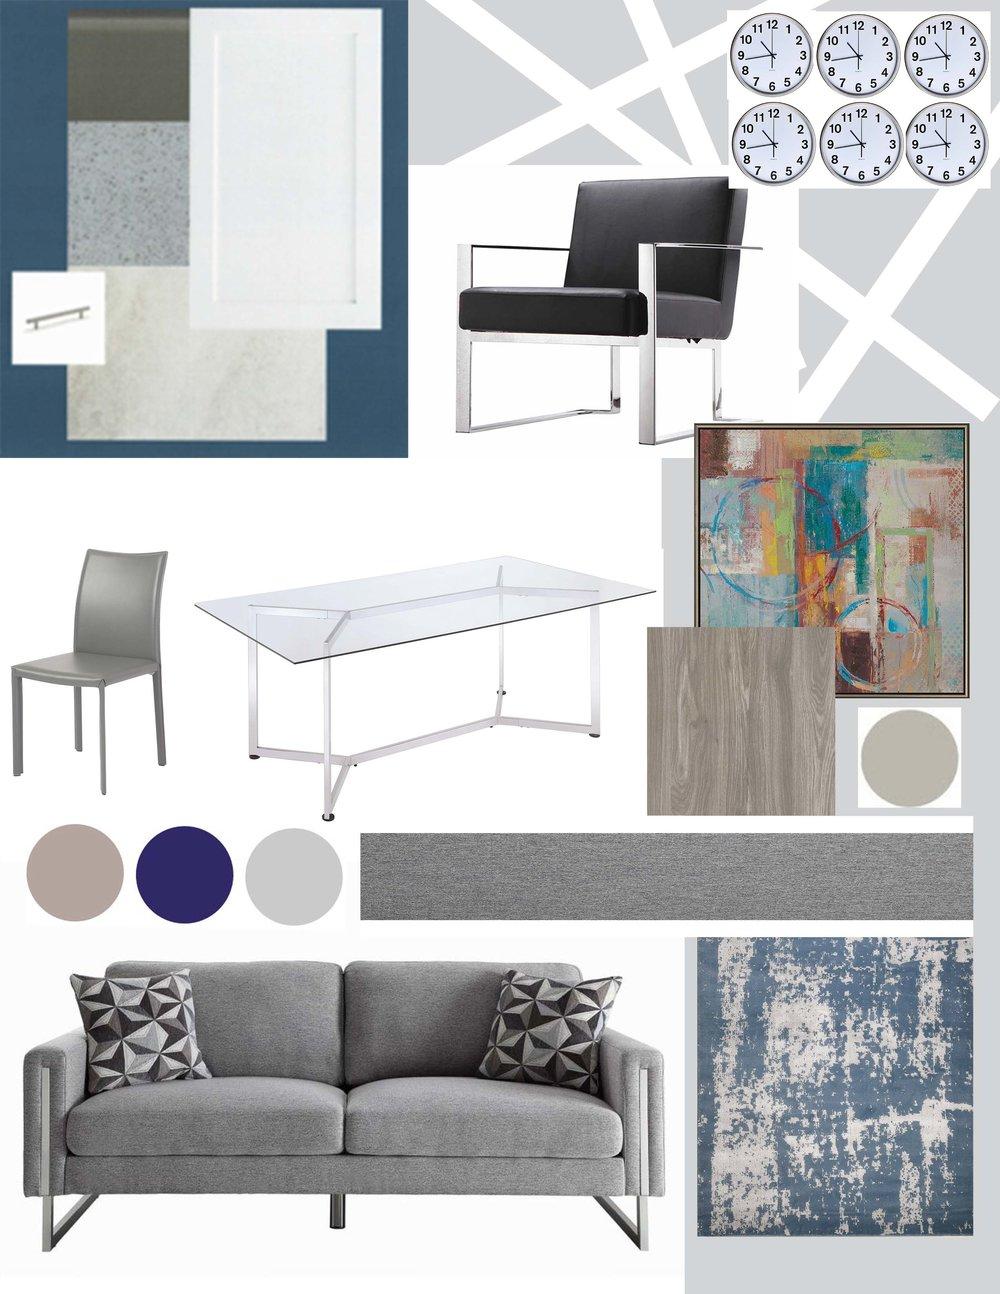 Orlando Interior Design Firms ...